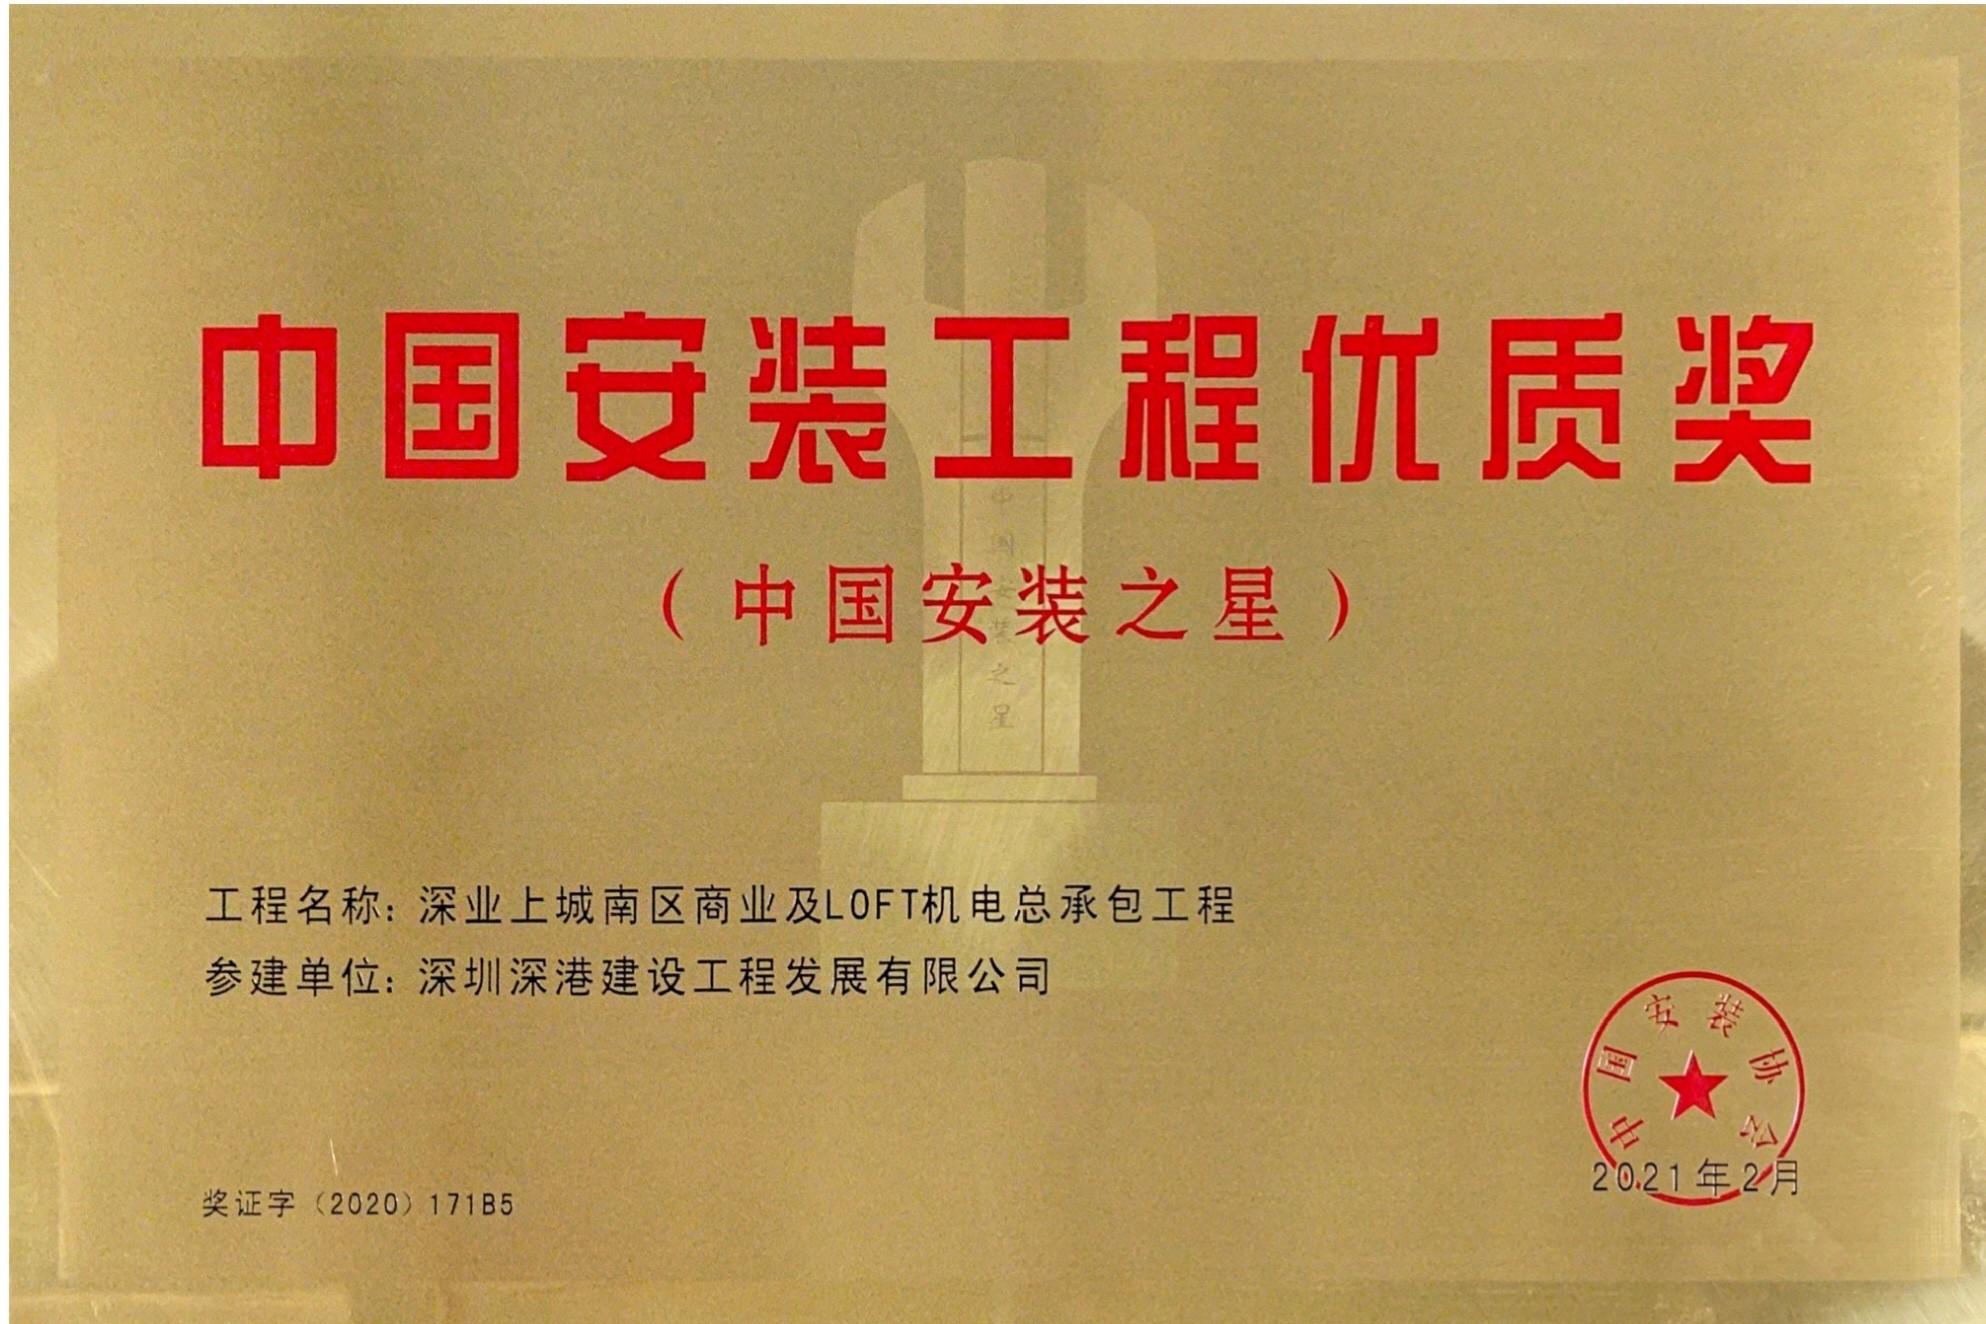 深圳深港建设工程发展有限公司-官网 装饰装修 机电消防 楼宇智能化 环境灯光照明 弱电安防等的设计及施工